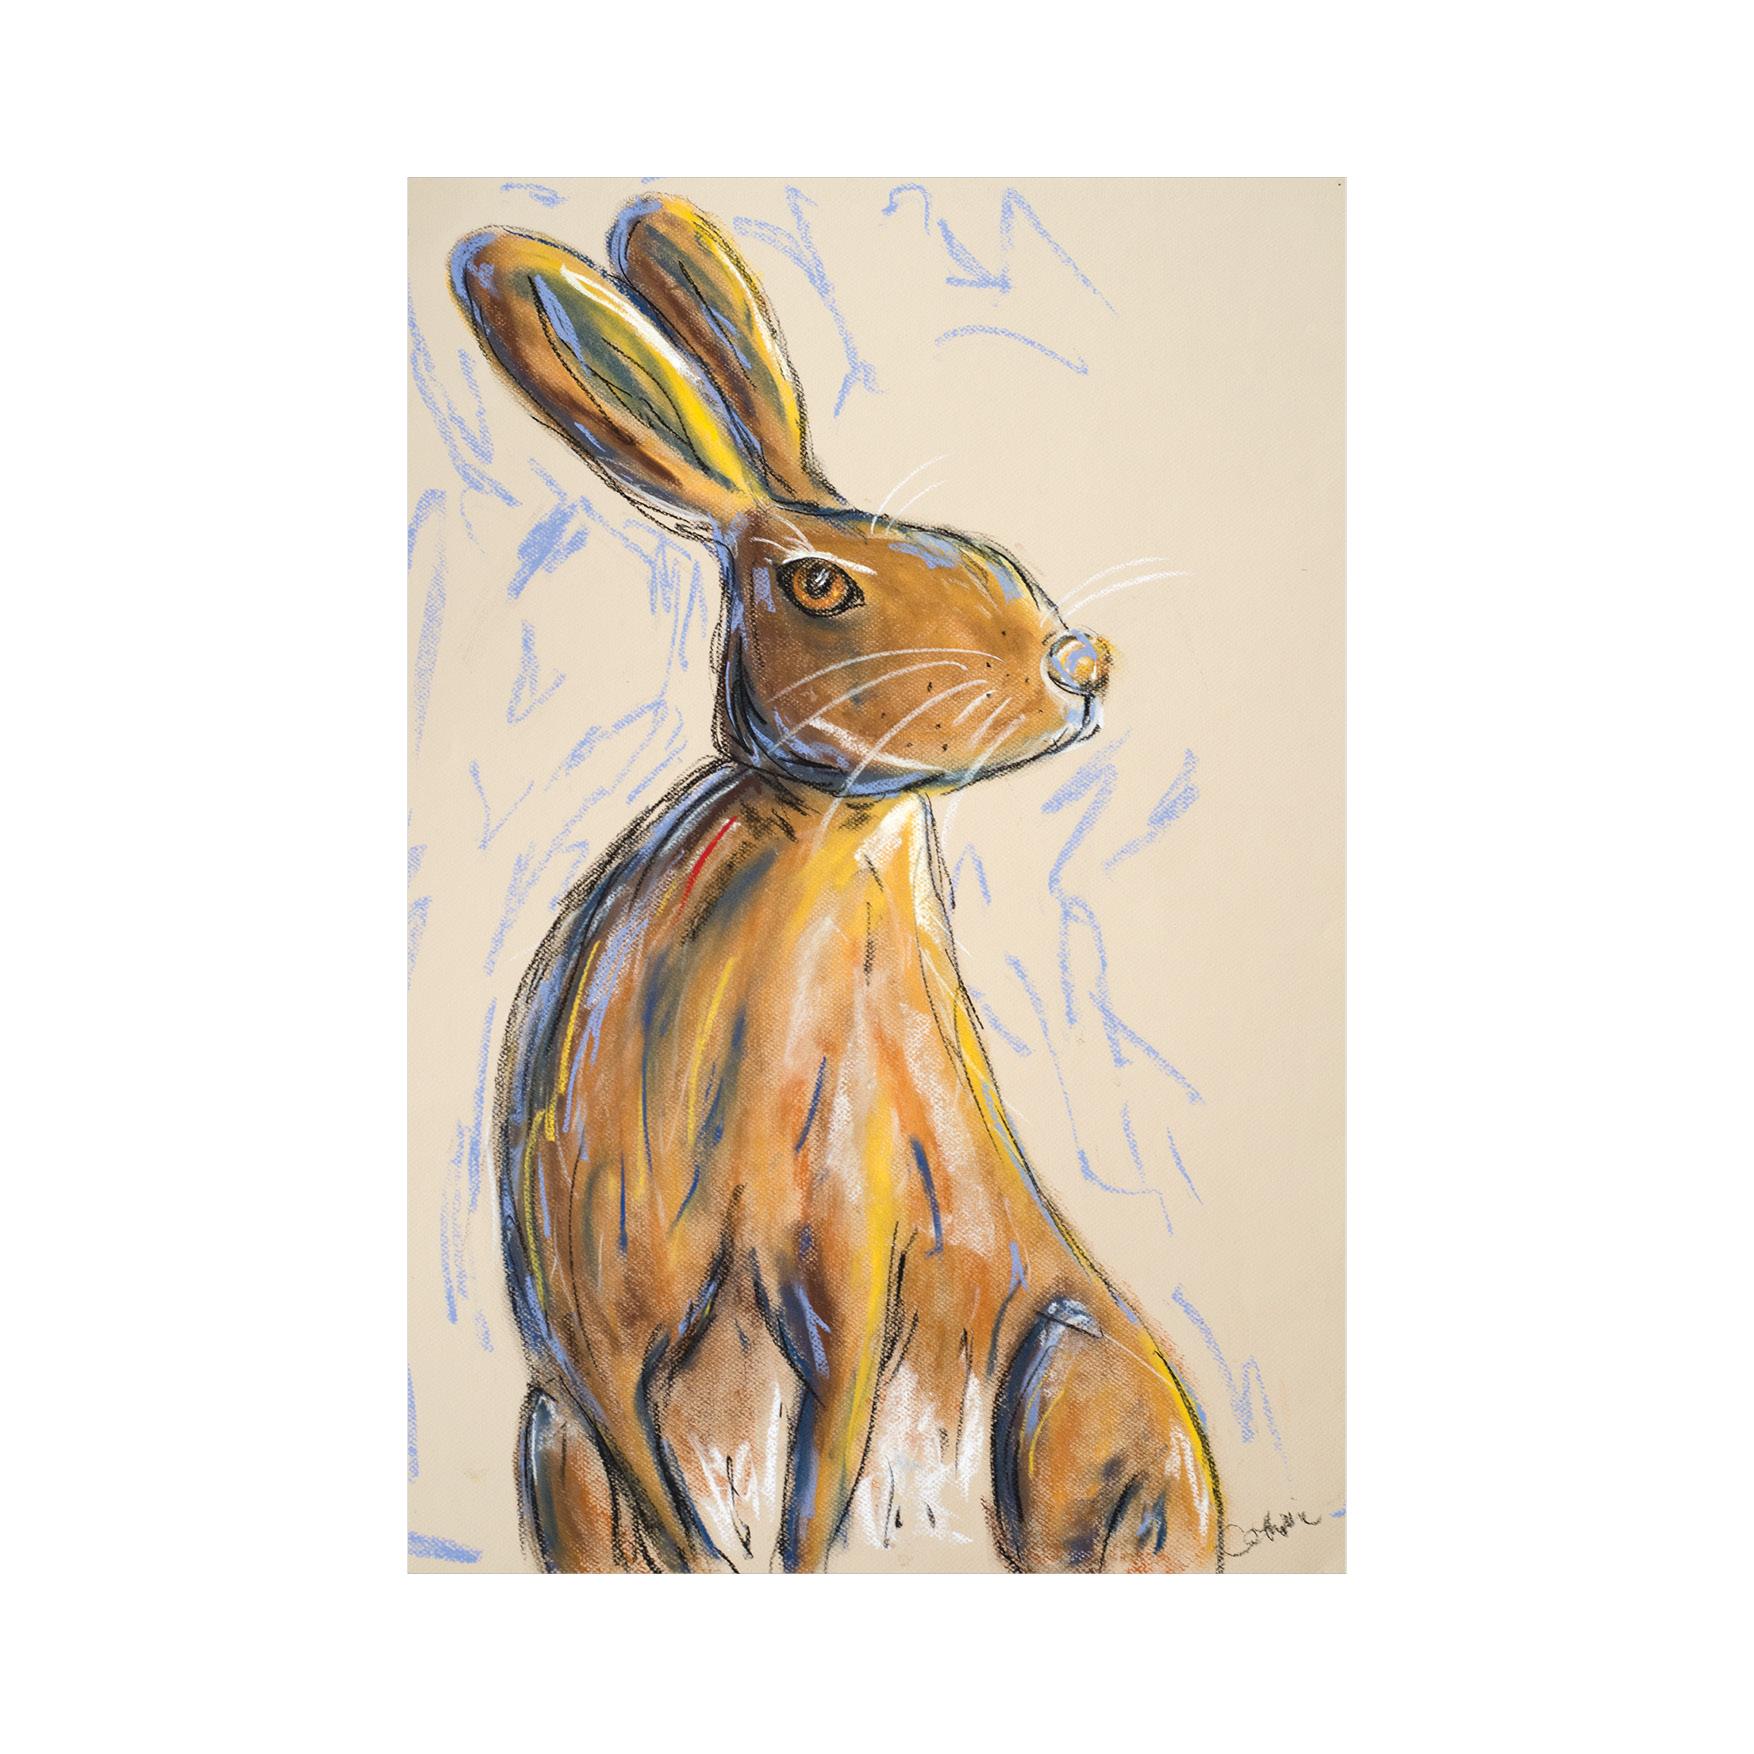 Irish hare art